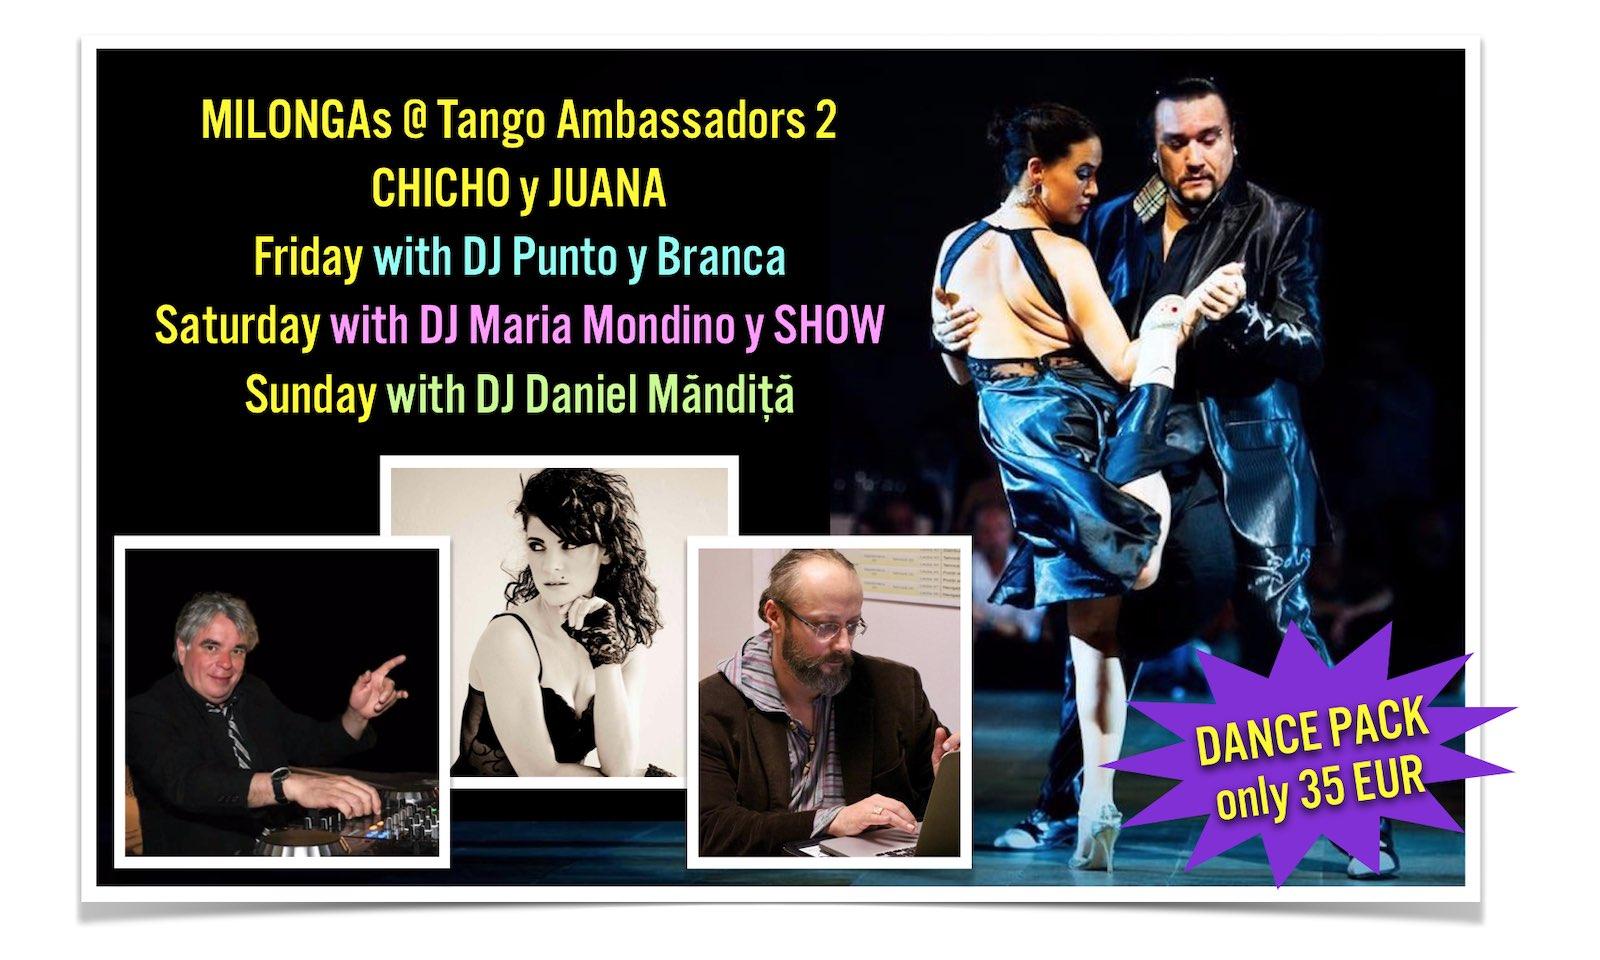 chicho-y-juana-milonga-dance-pack